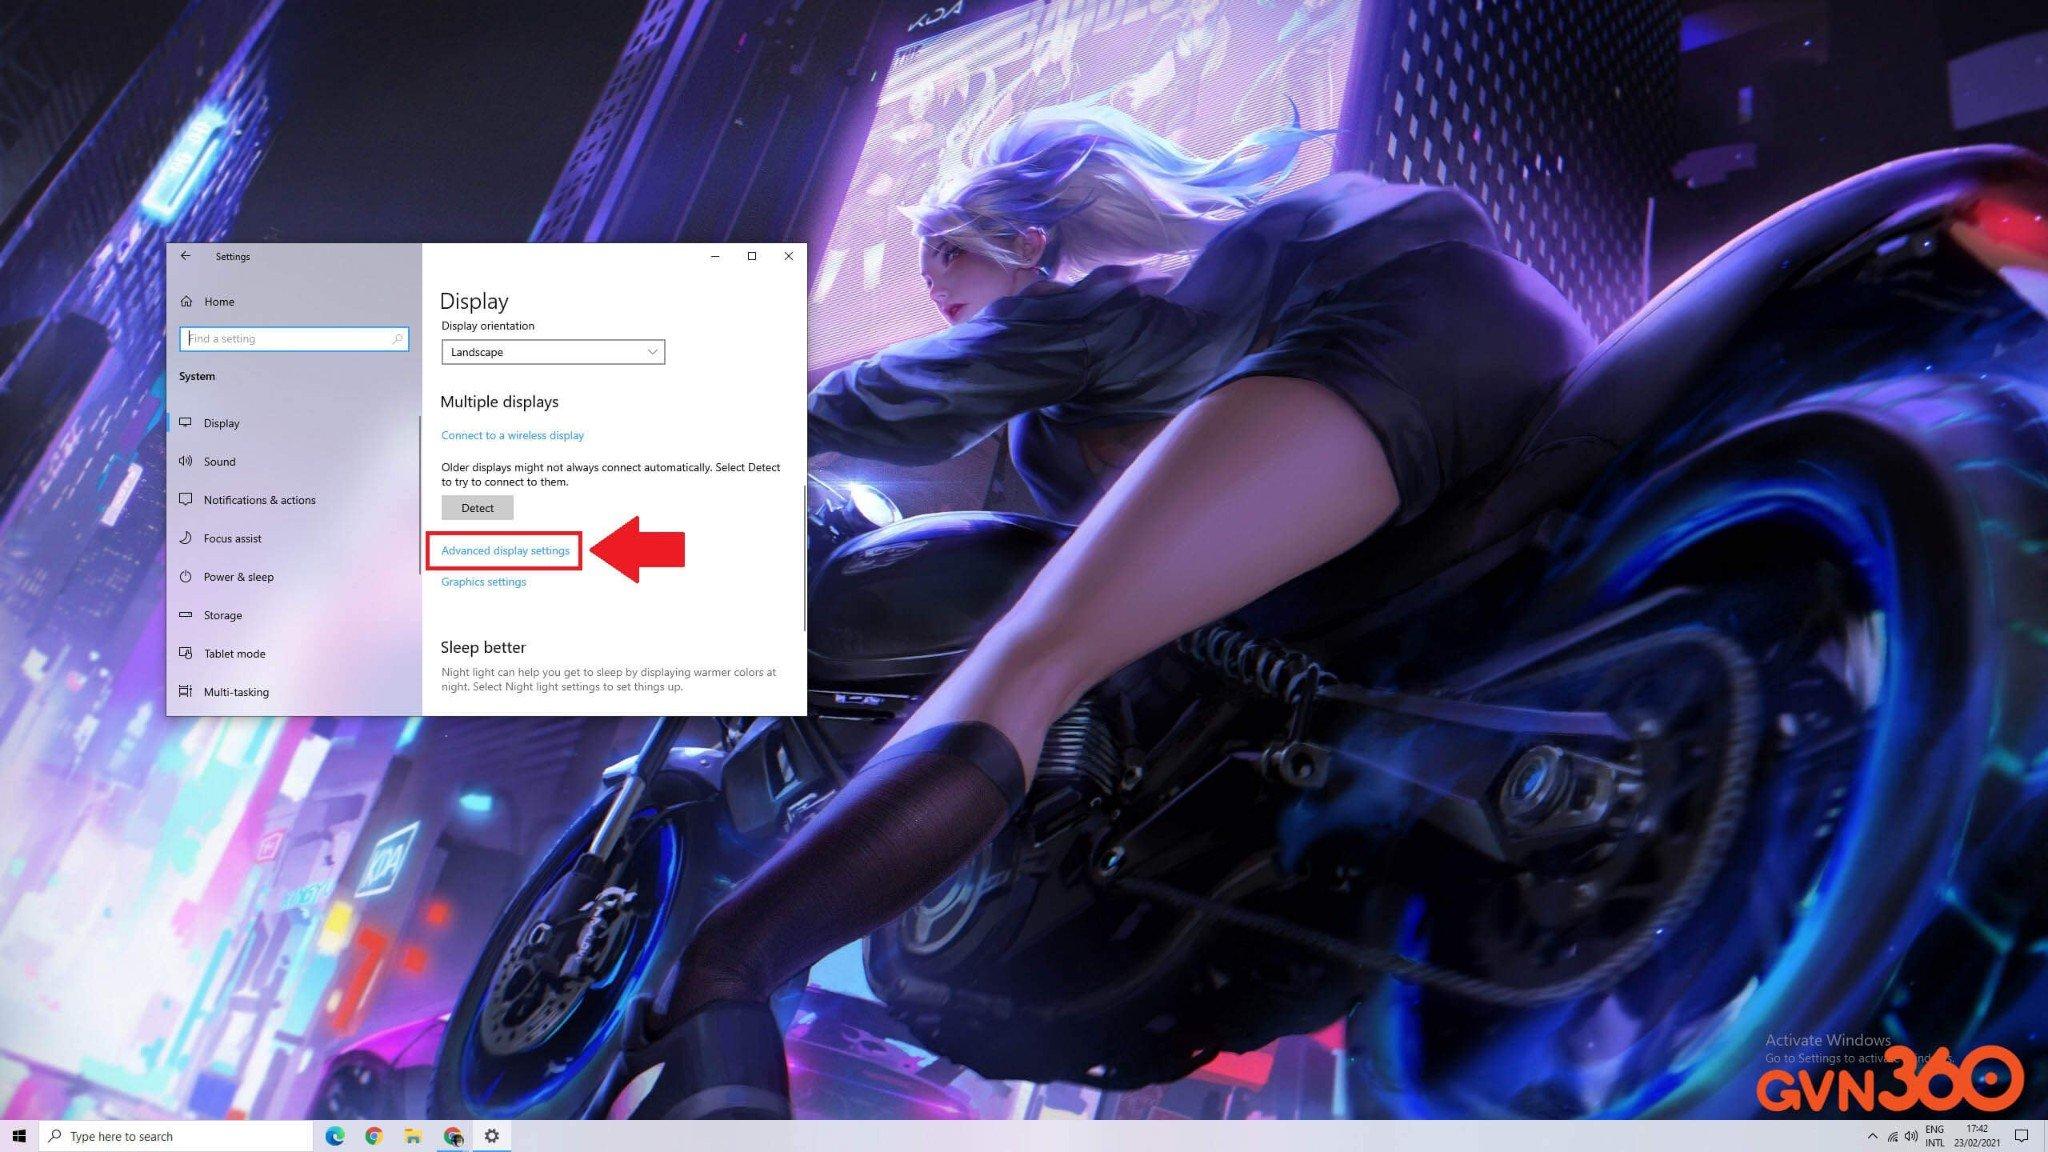 Cách cài đặt tần số quét màn hình máy tính chuẩn nhất - Bước 2